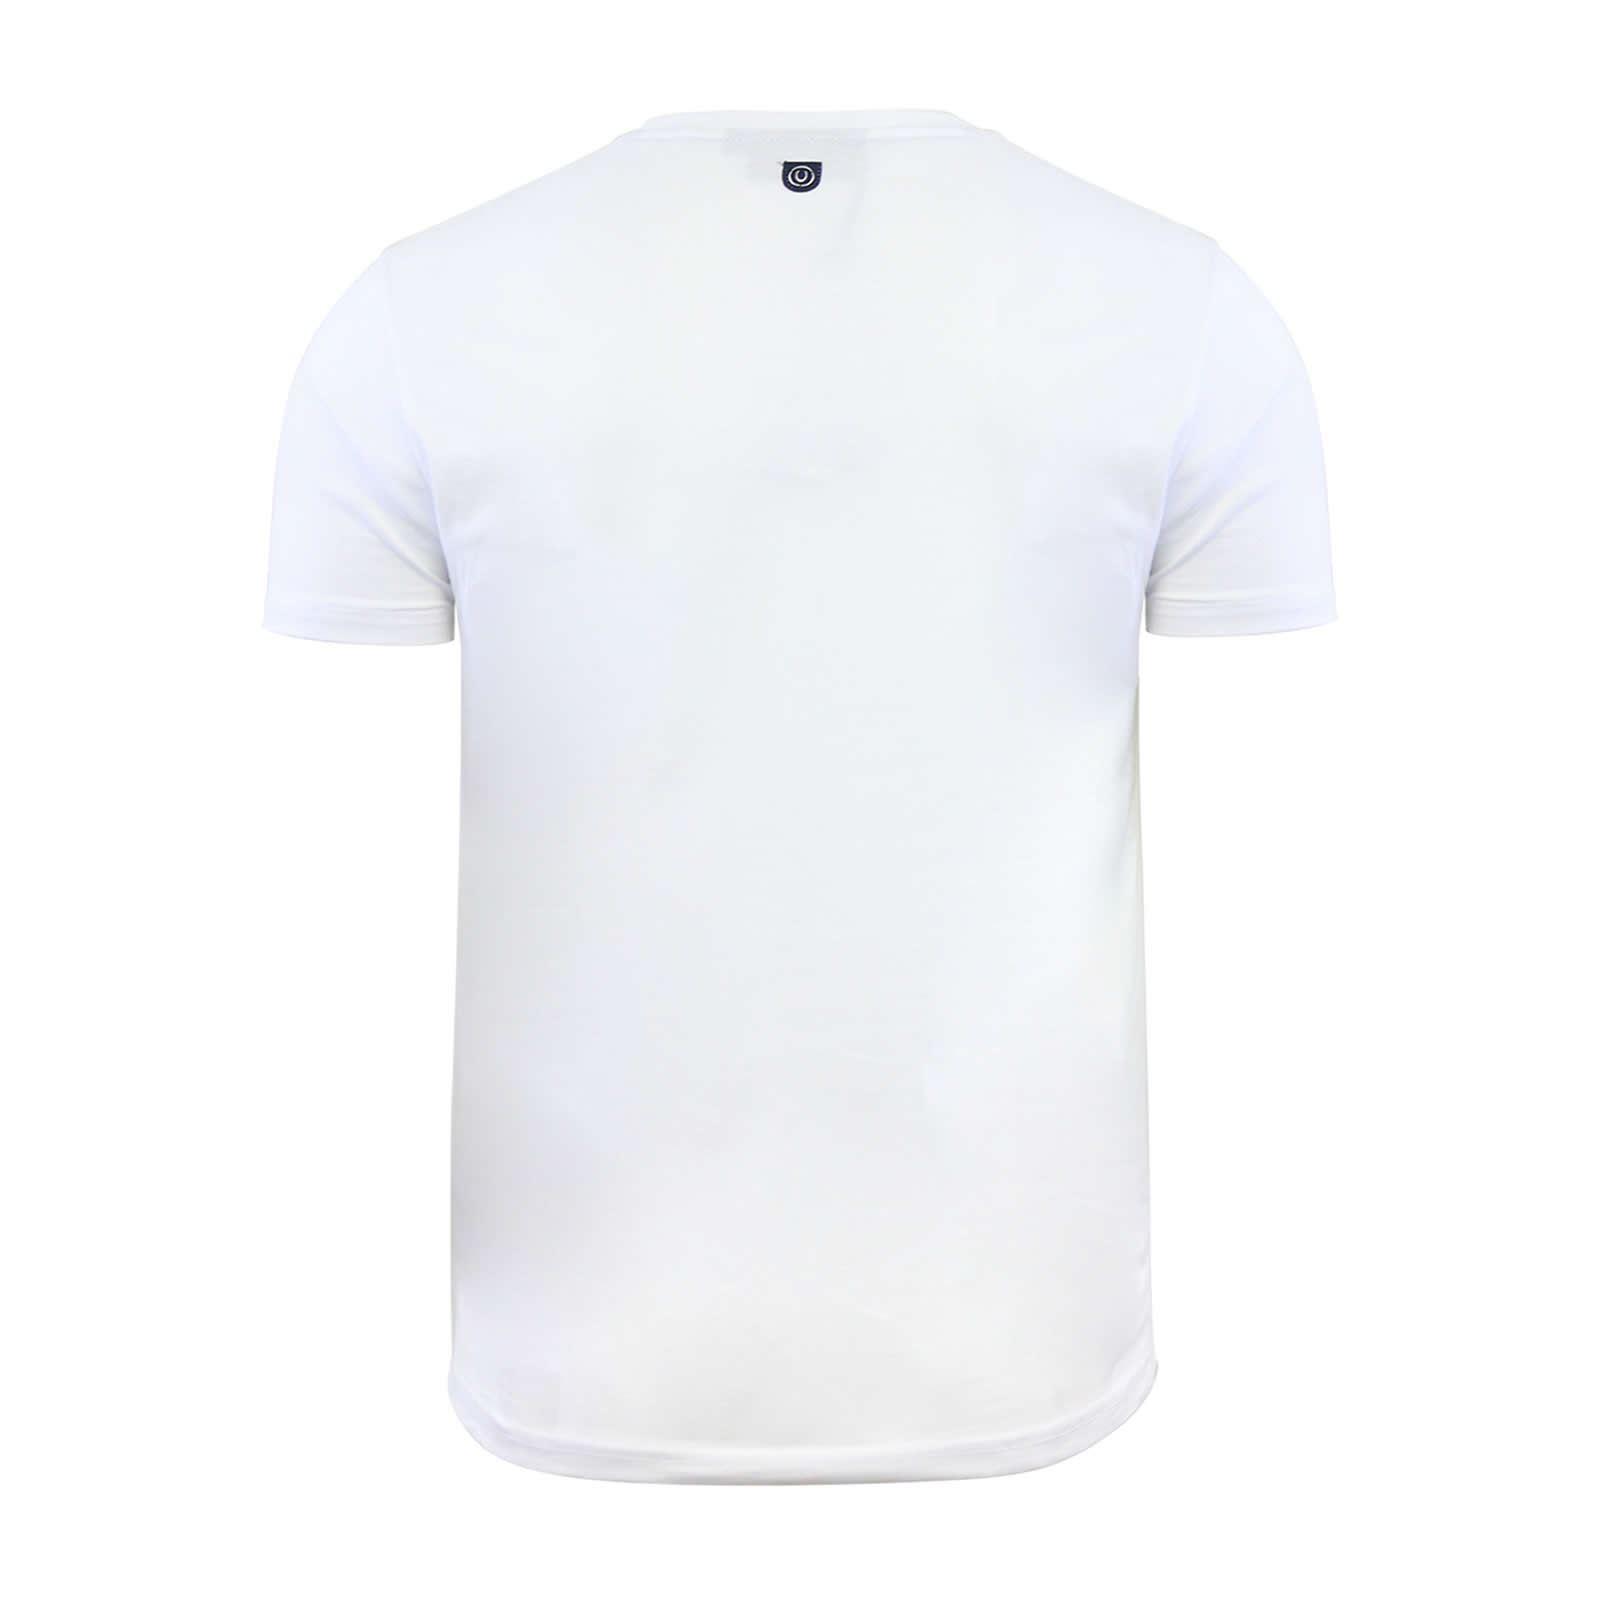 miniature 7 - Hommes-T-Shirt-Duck-amp-Cover-Quoins-coton-graphique-a-encolure-ras-du-cou-a-manches-courtes-Tee